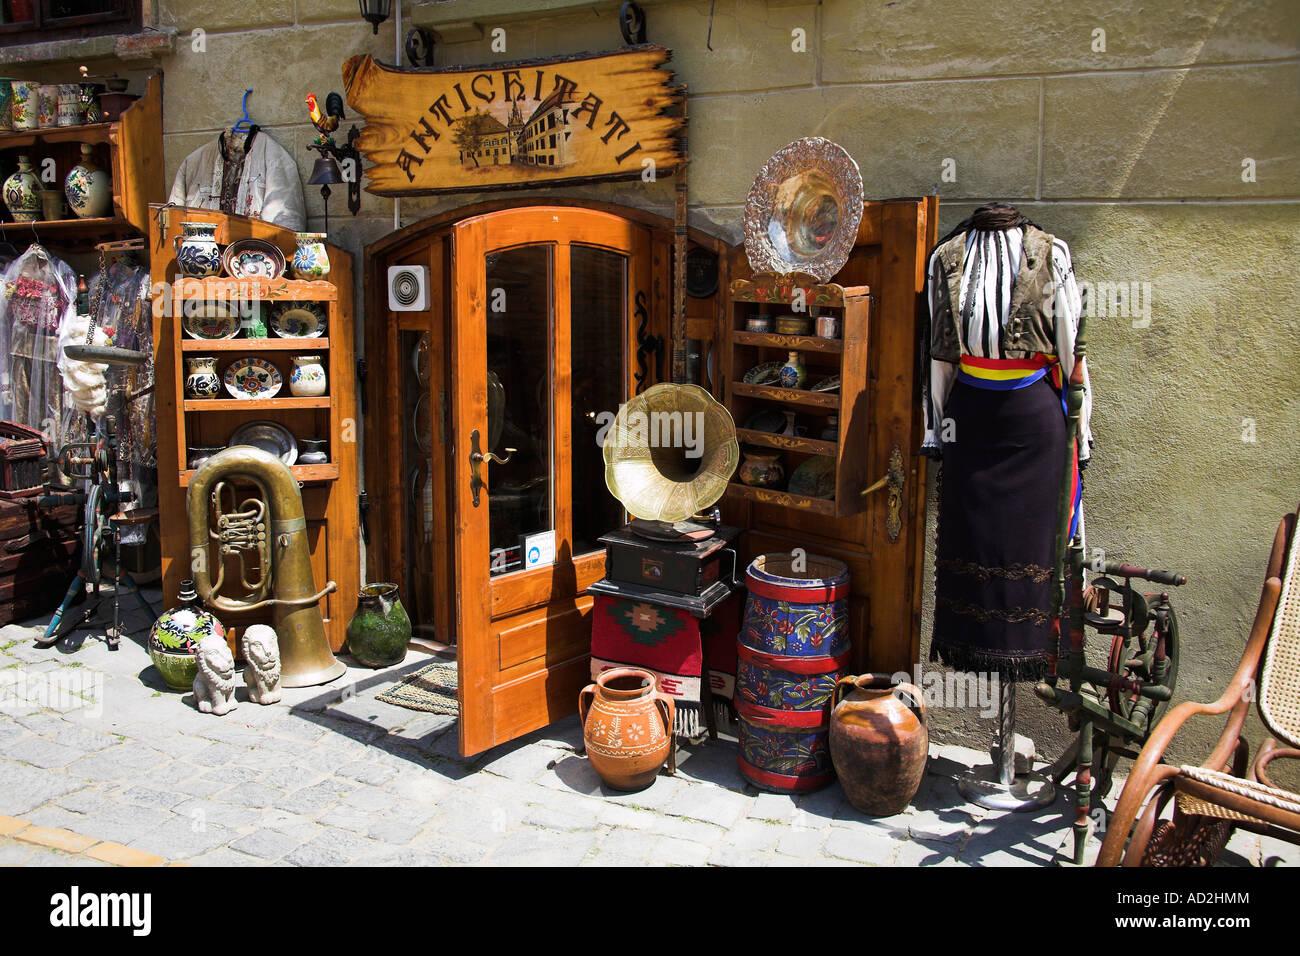 https www alamyimages fr photo image antiquites a vendre a l exterieur d un magasin d antiquites sighisoara transylvanie roumanie 13283779 html